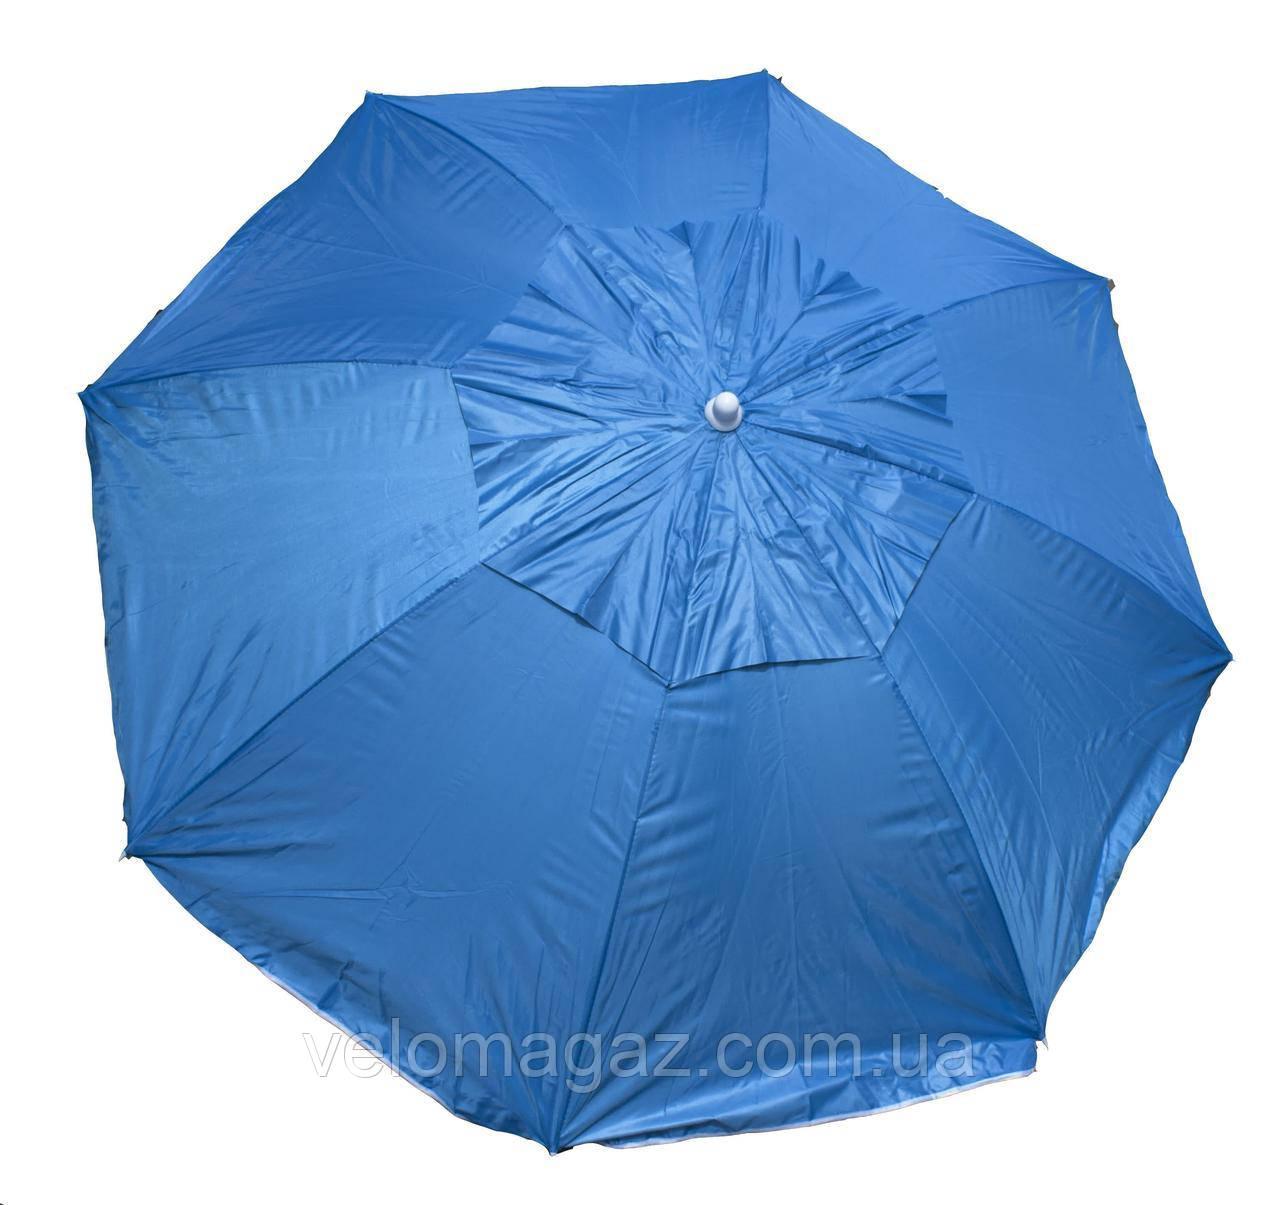 Пляжный зонт 1,6 м с наклоном, воздушный клапан, чехол, голубой